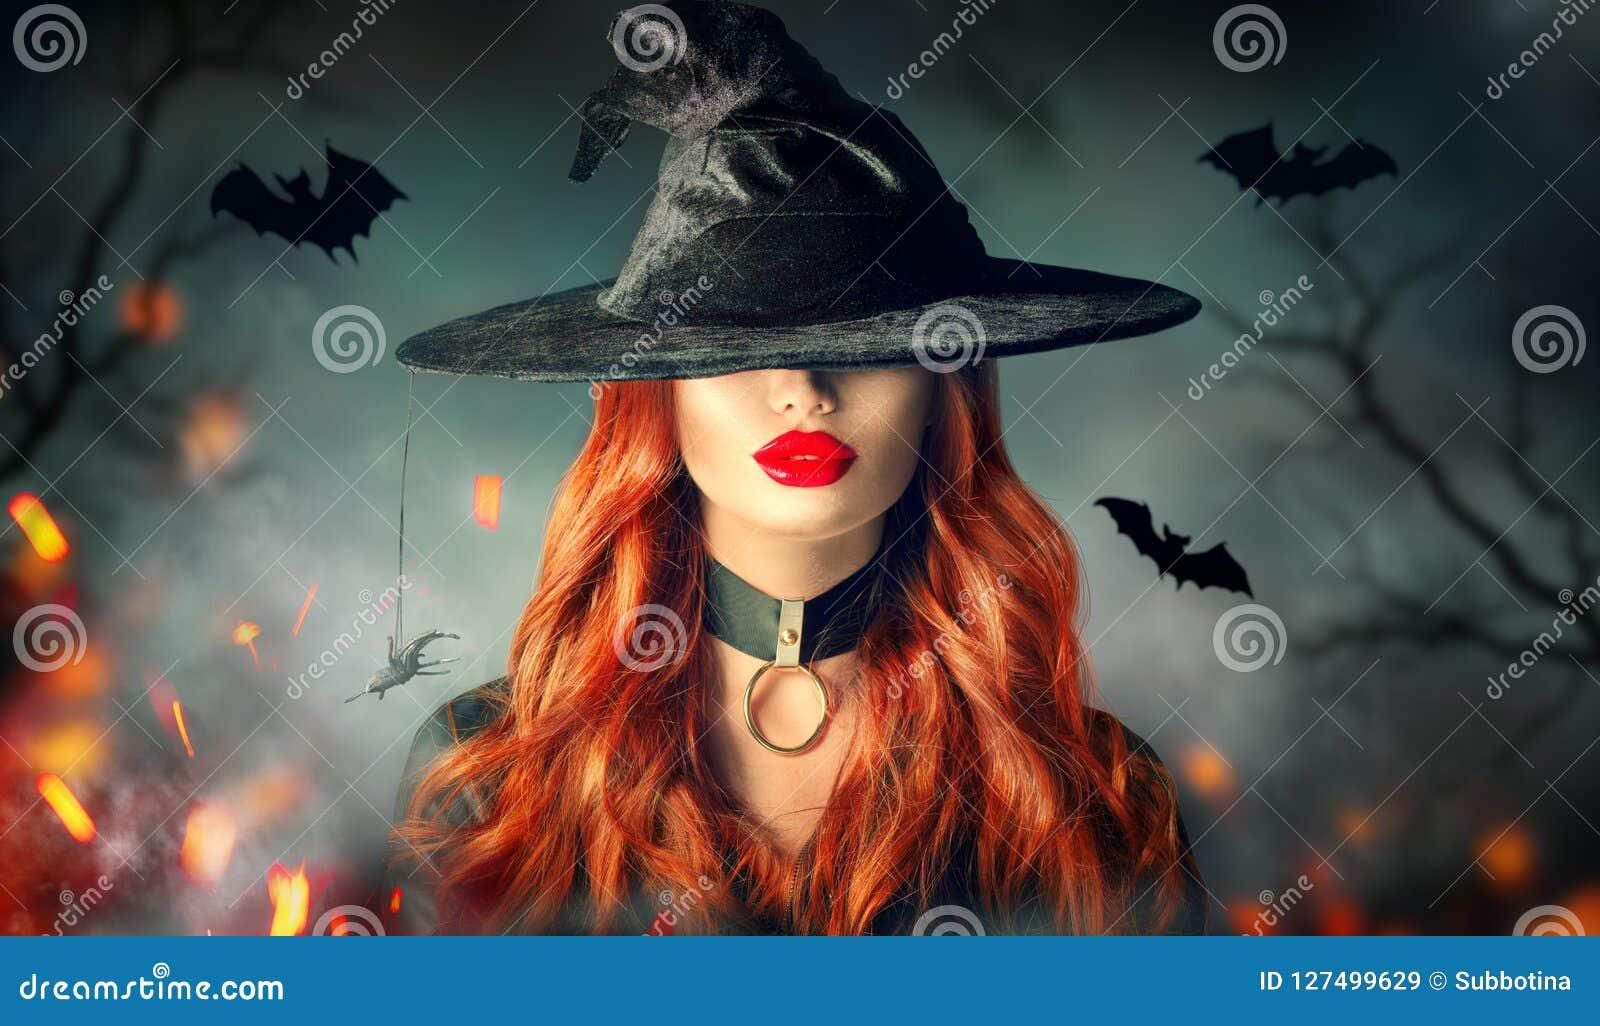 Halloween ведьма портрета сексуальная Красивая женщина в шляпе ведьм с длинными курчавыми красными волосами